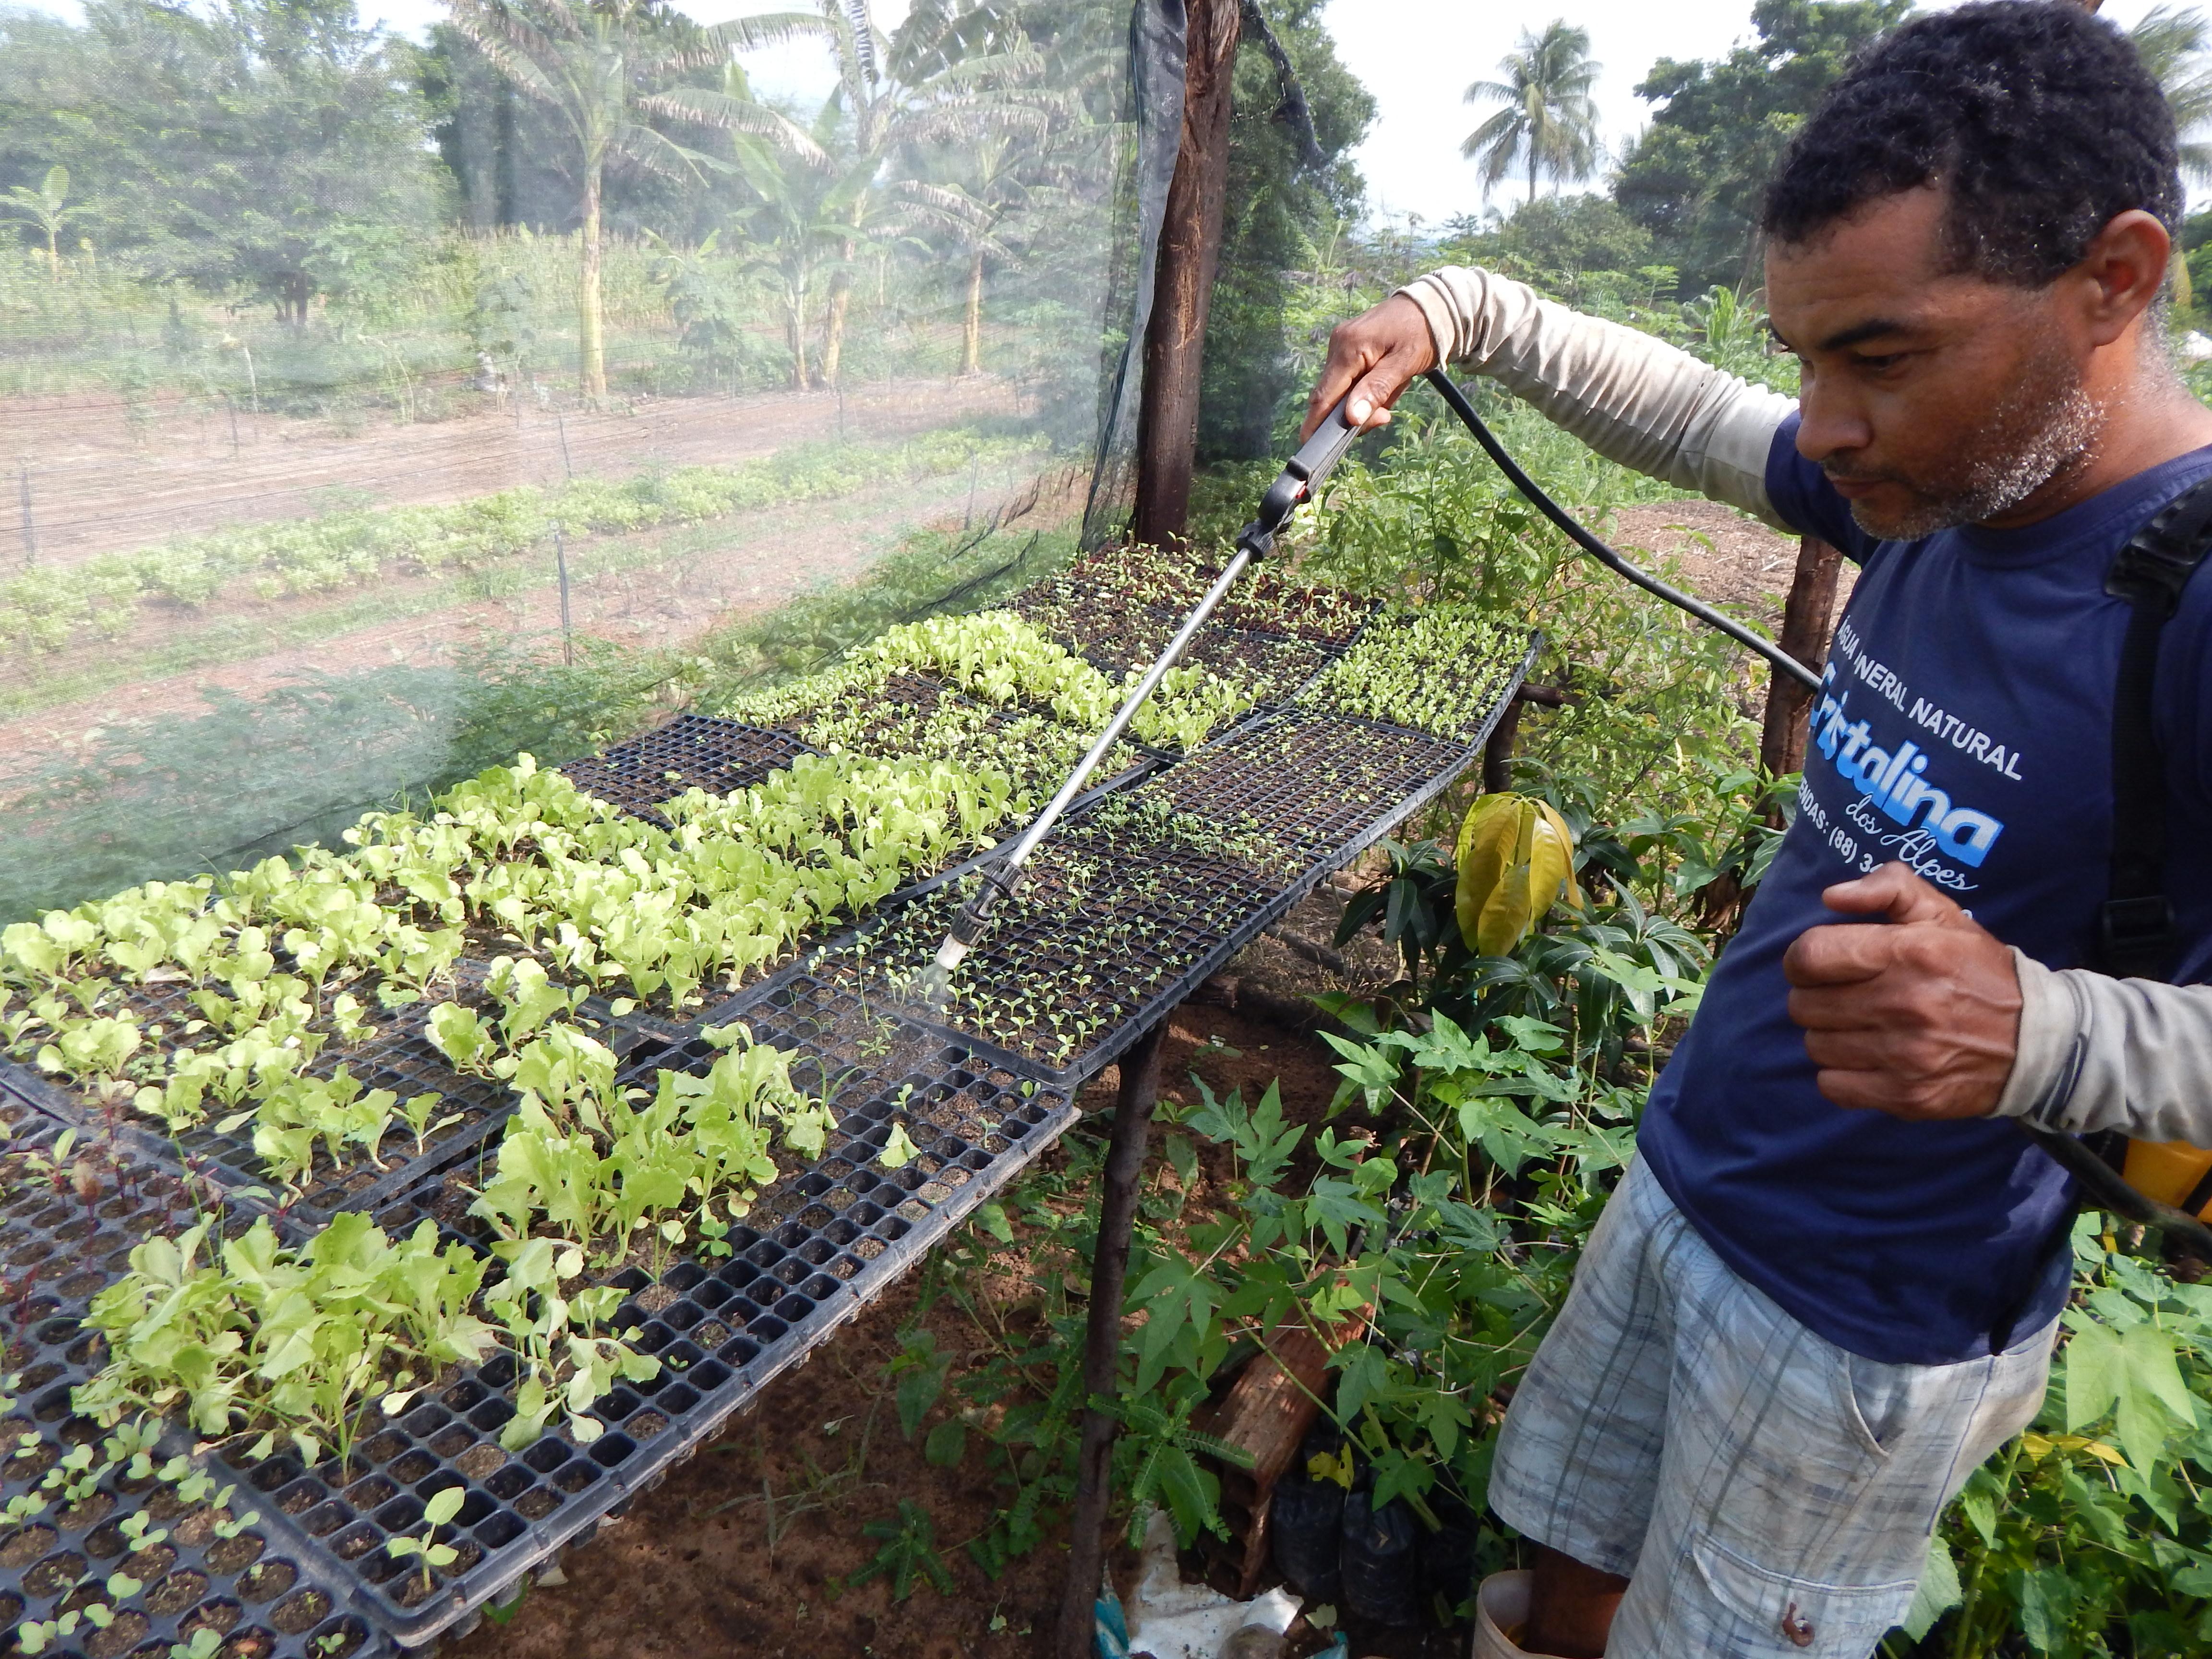 Produtores no Cariri combatem lagarta do milho com Bioinseticida Bt